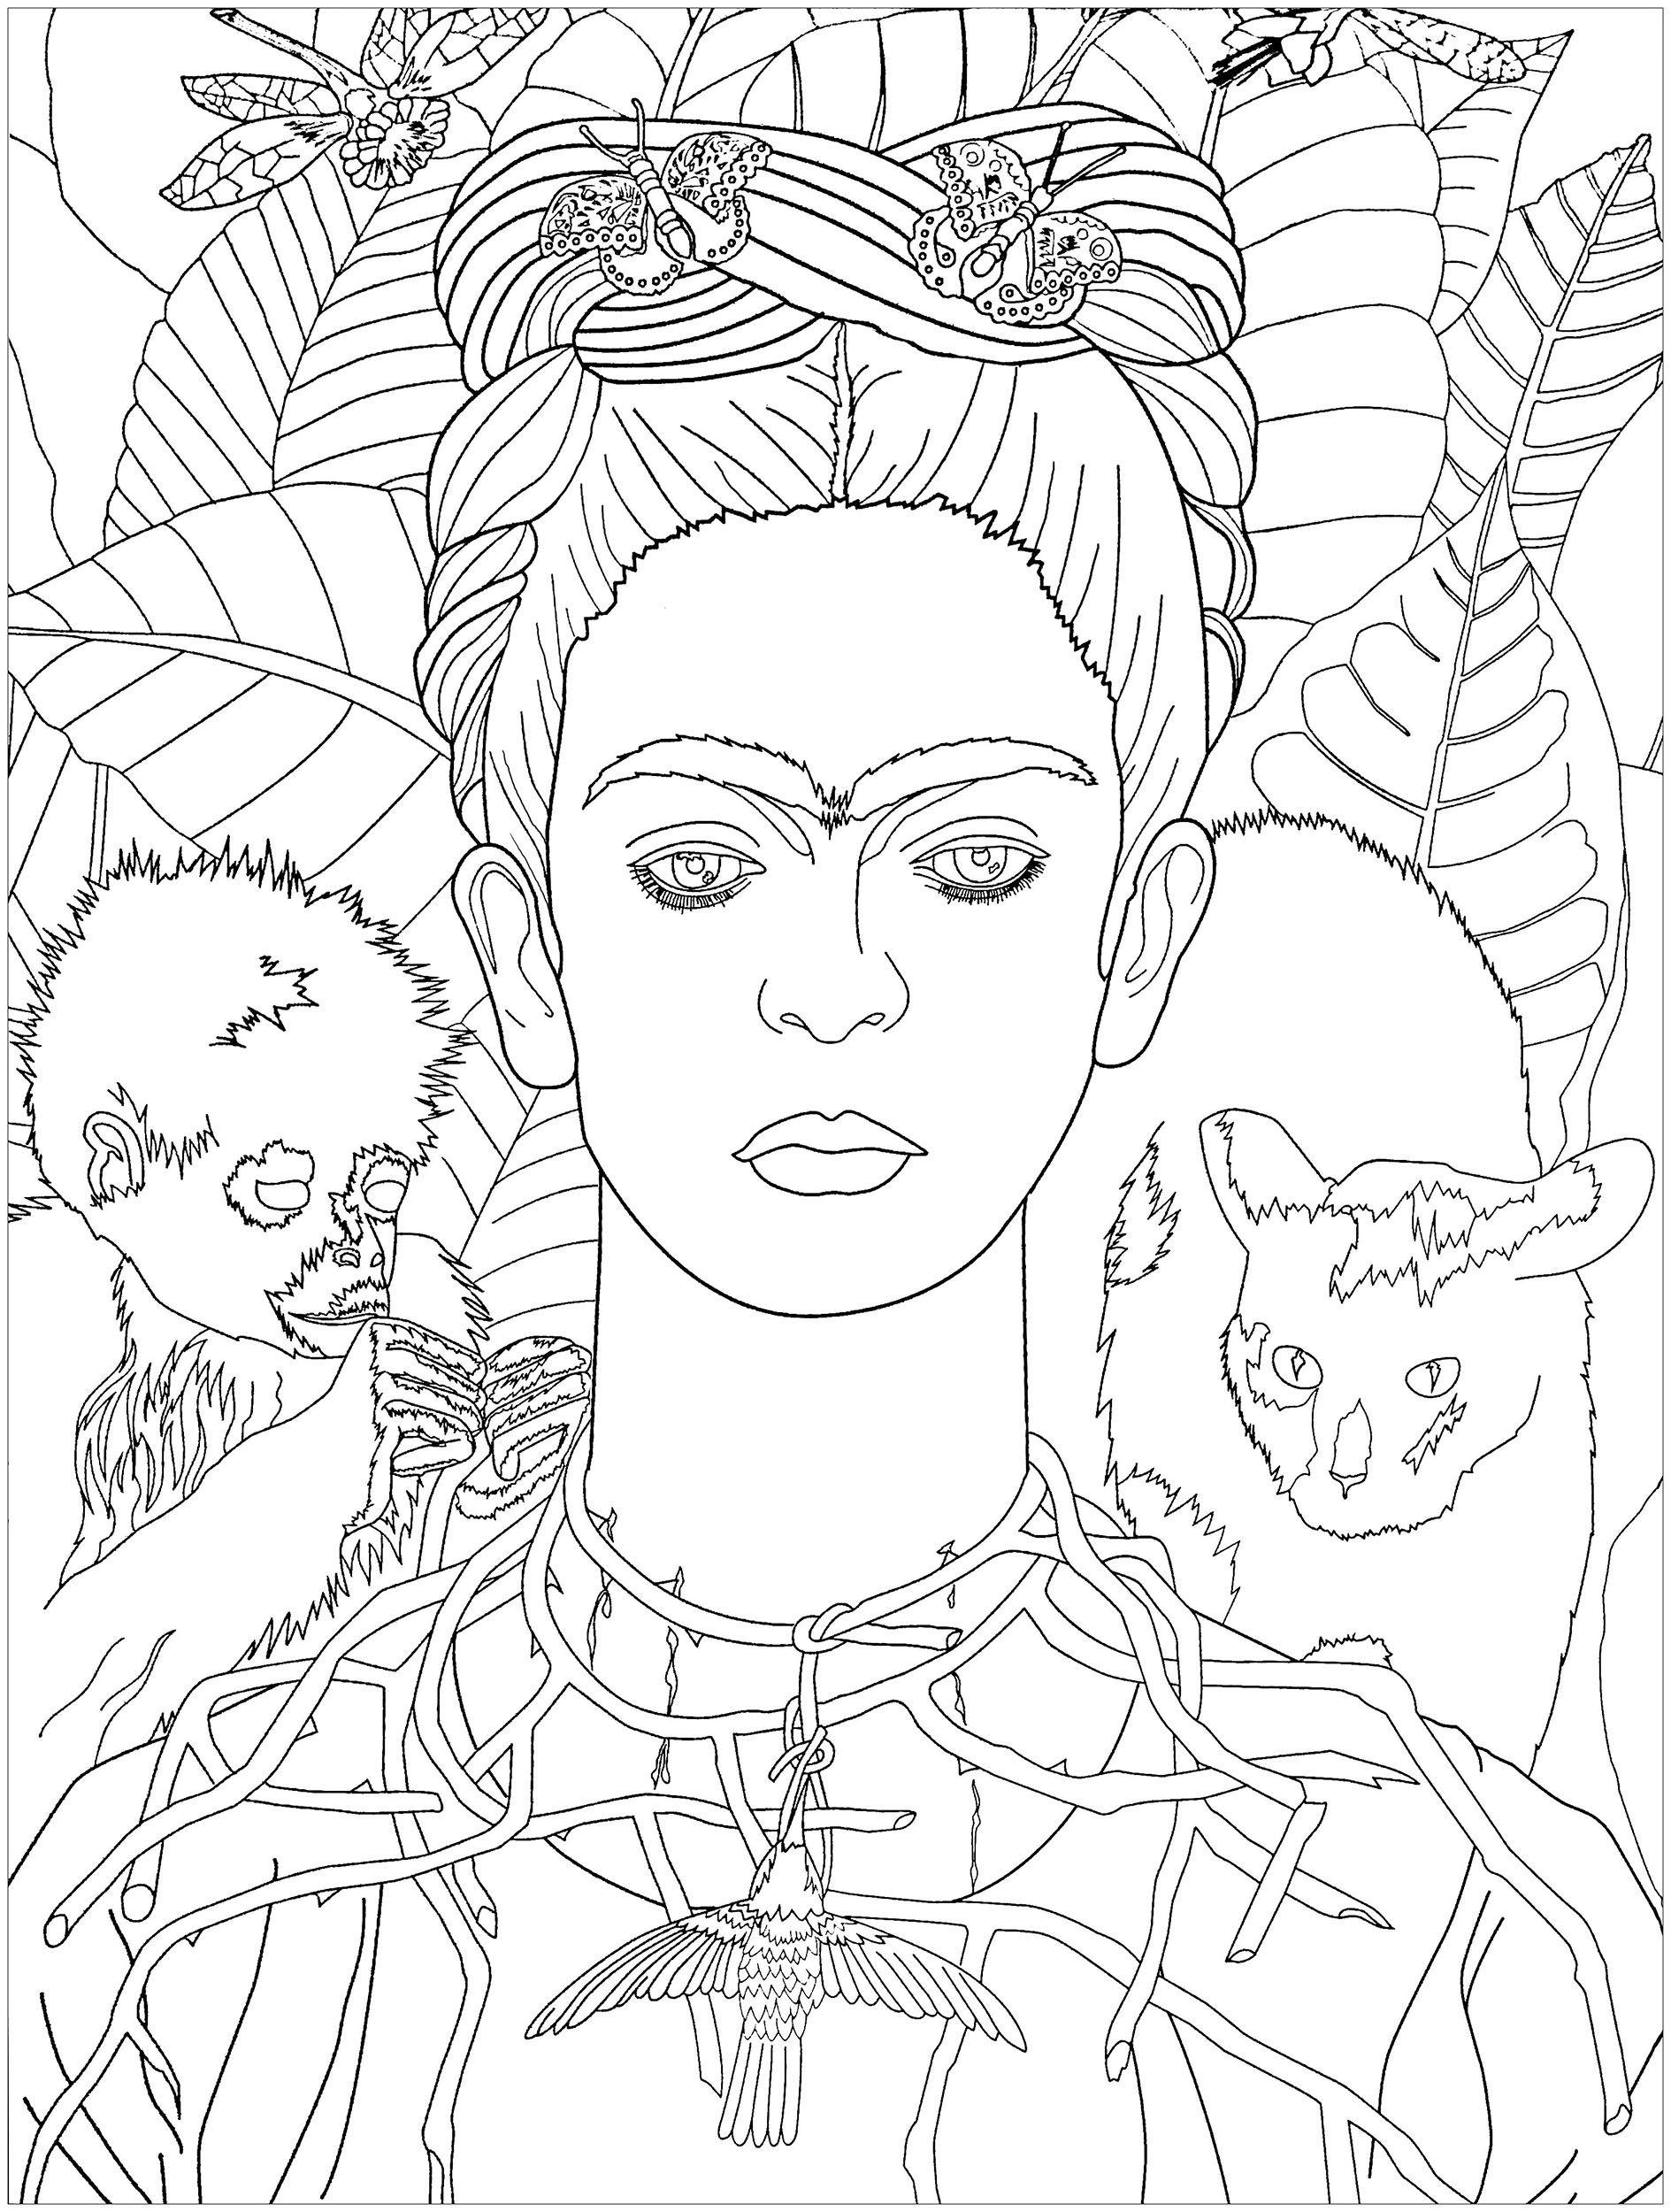 Colorear para adultos : Arte - 1 - Esta imagen contiene : Fernand ...